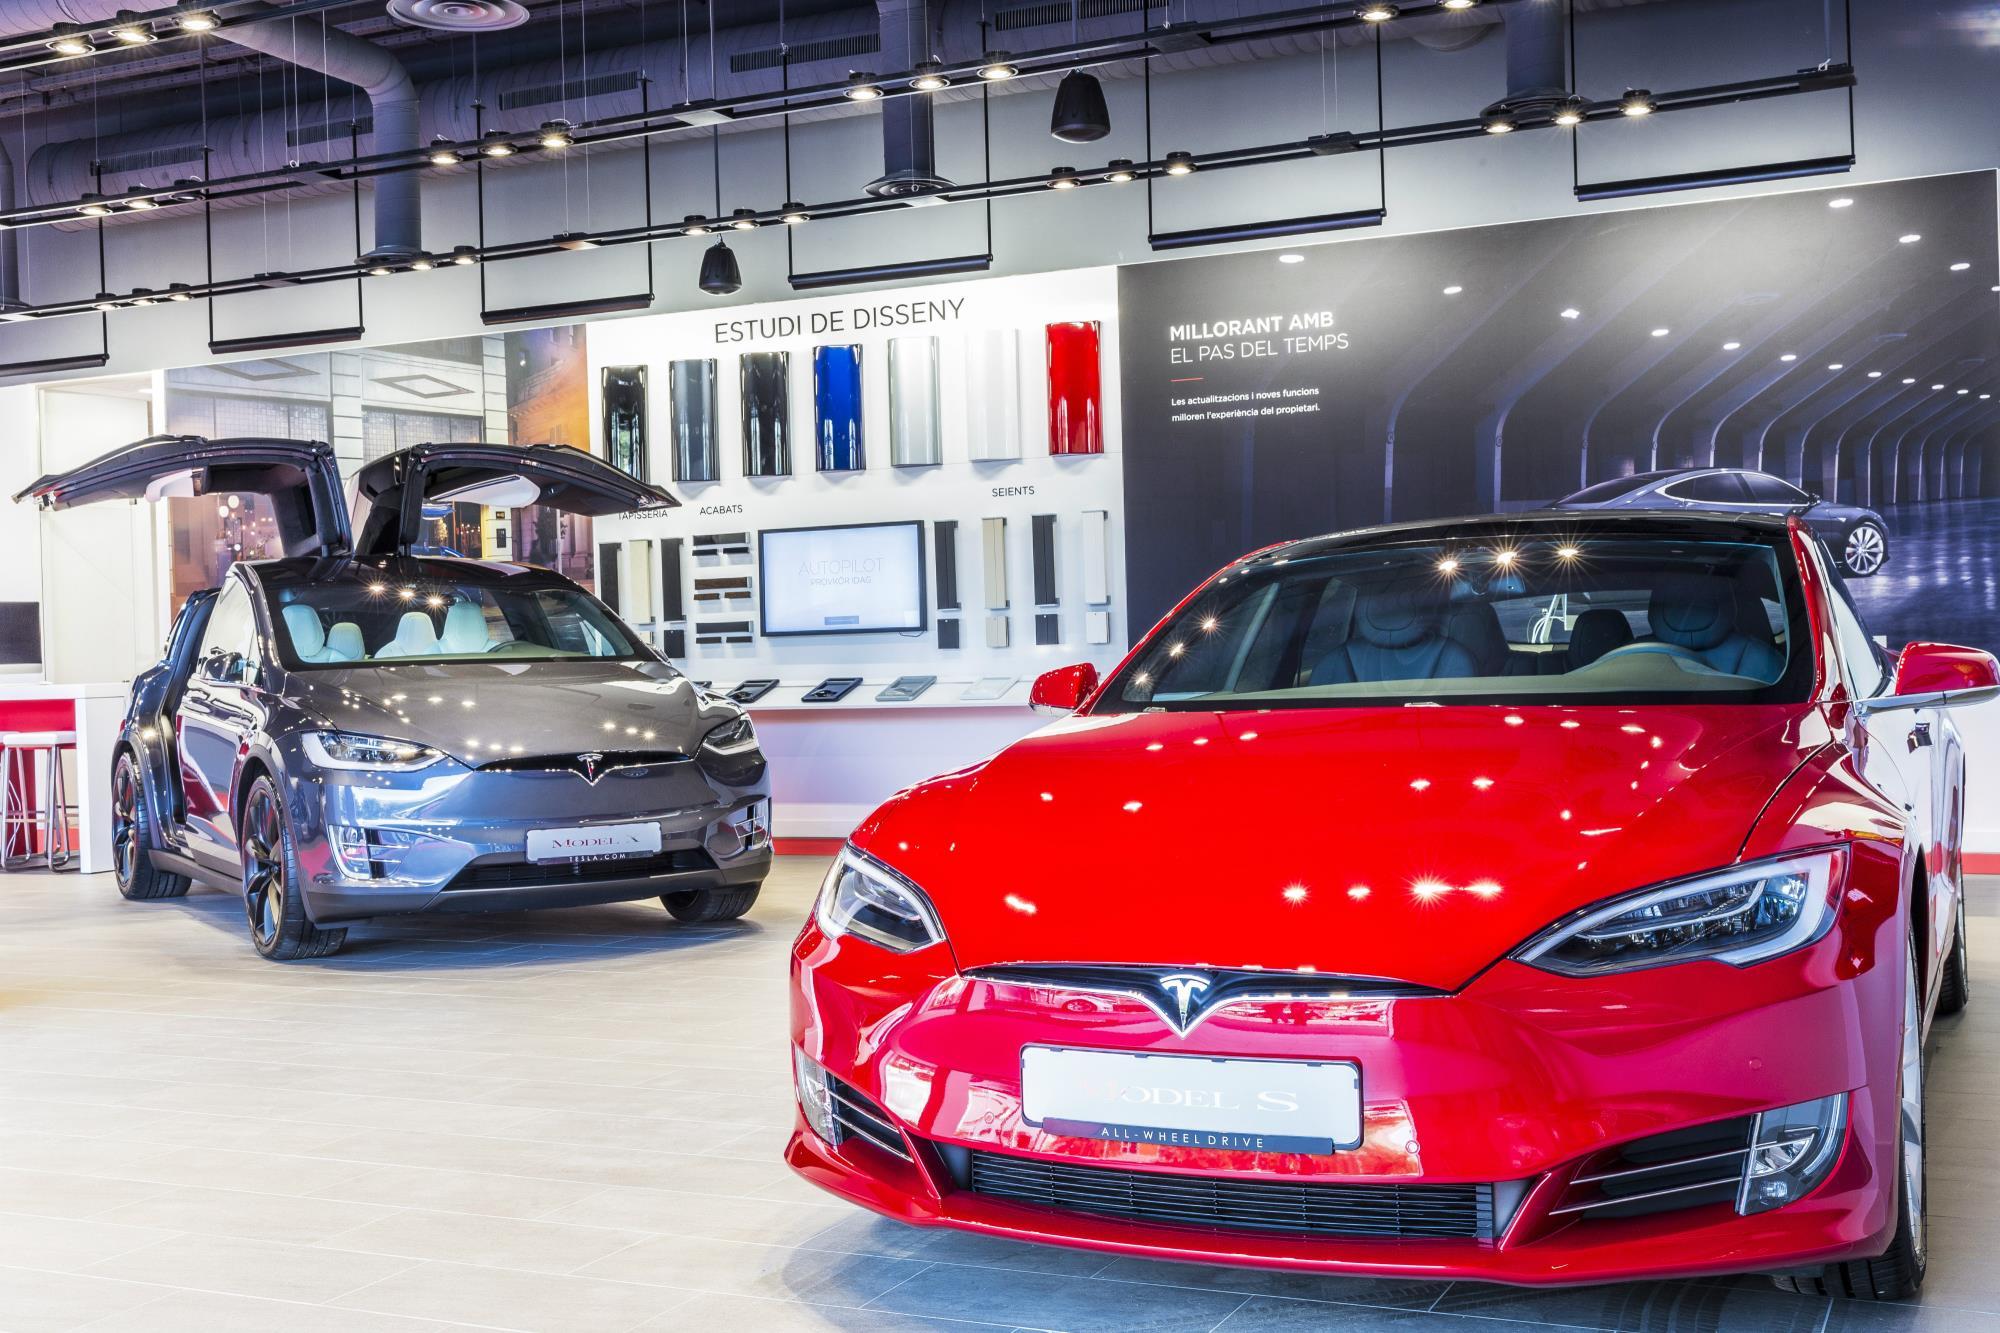 Inicialmente reservada a vehículos de gama alta, la propulsión eléctrica se democratiza. (Foto: cedida).